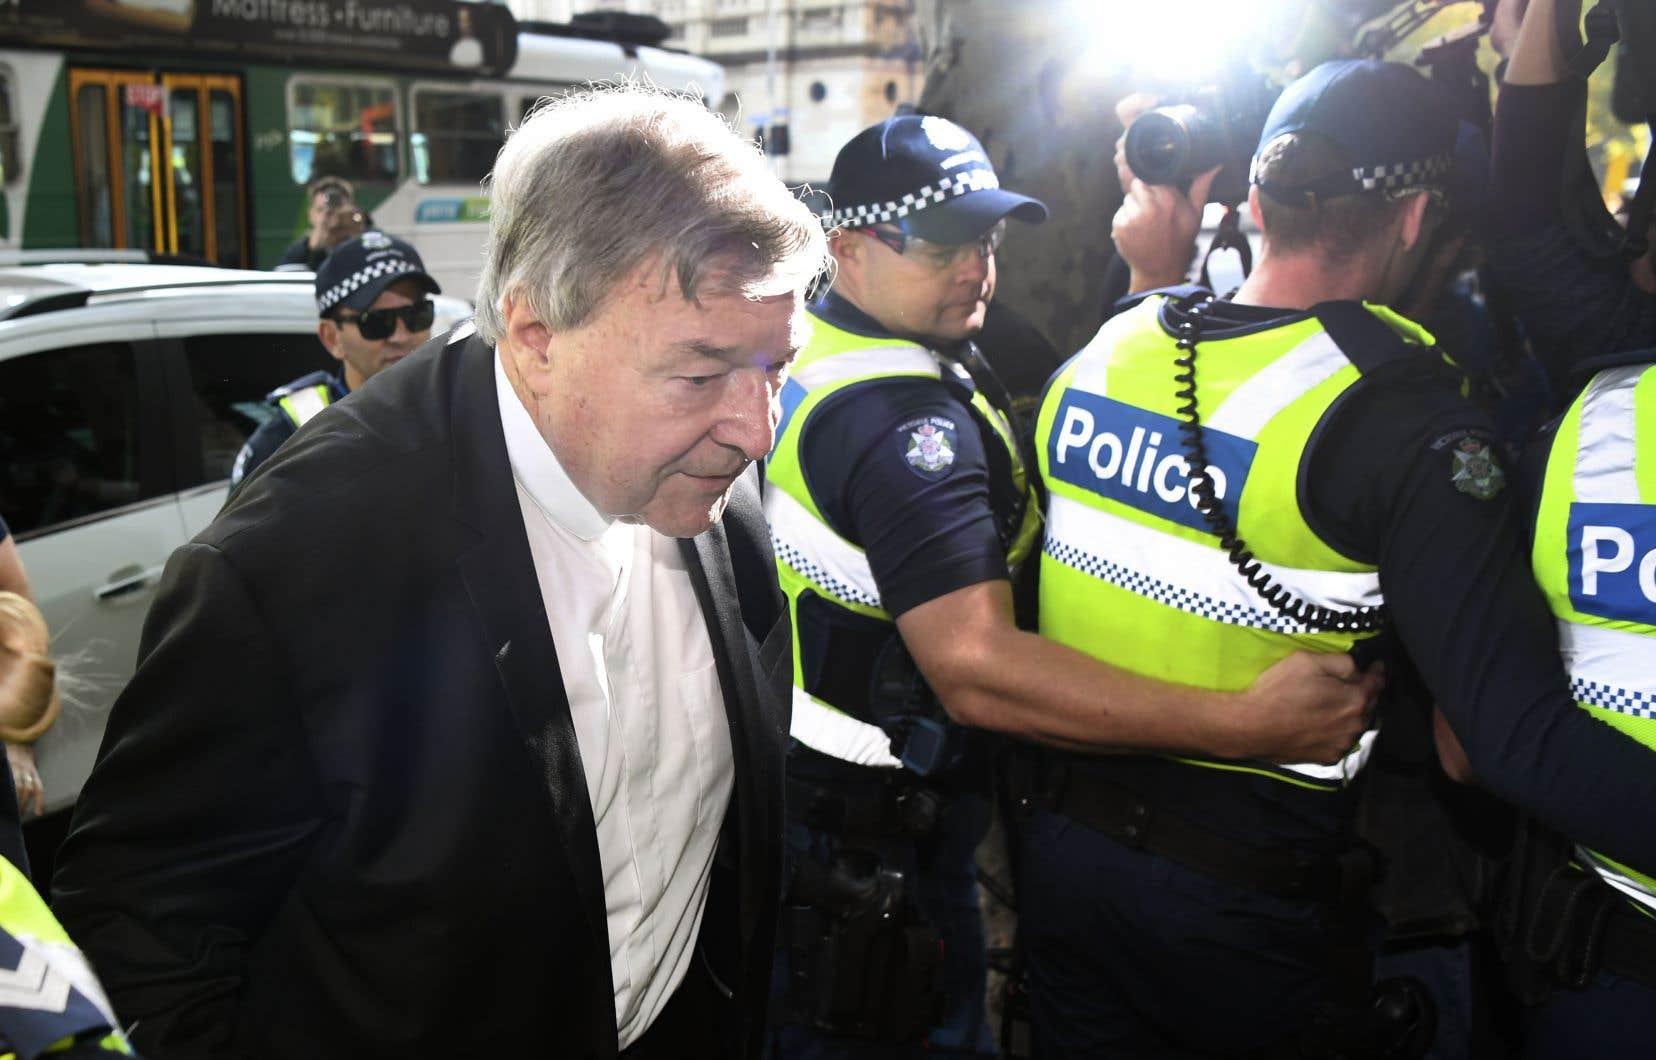 Le cardinal George Pell lors de son arrivée au tribunal sous escorte policière, lundi, à Melbourne